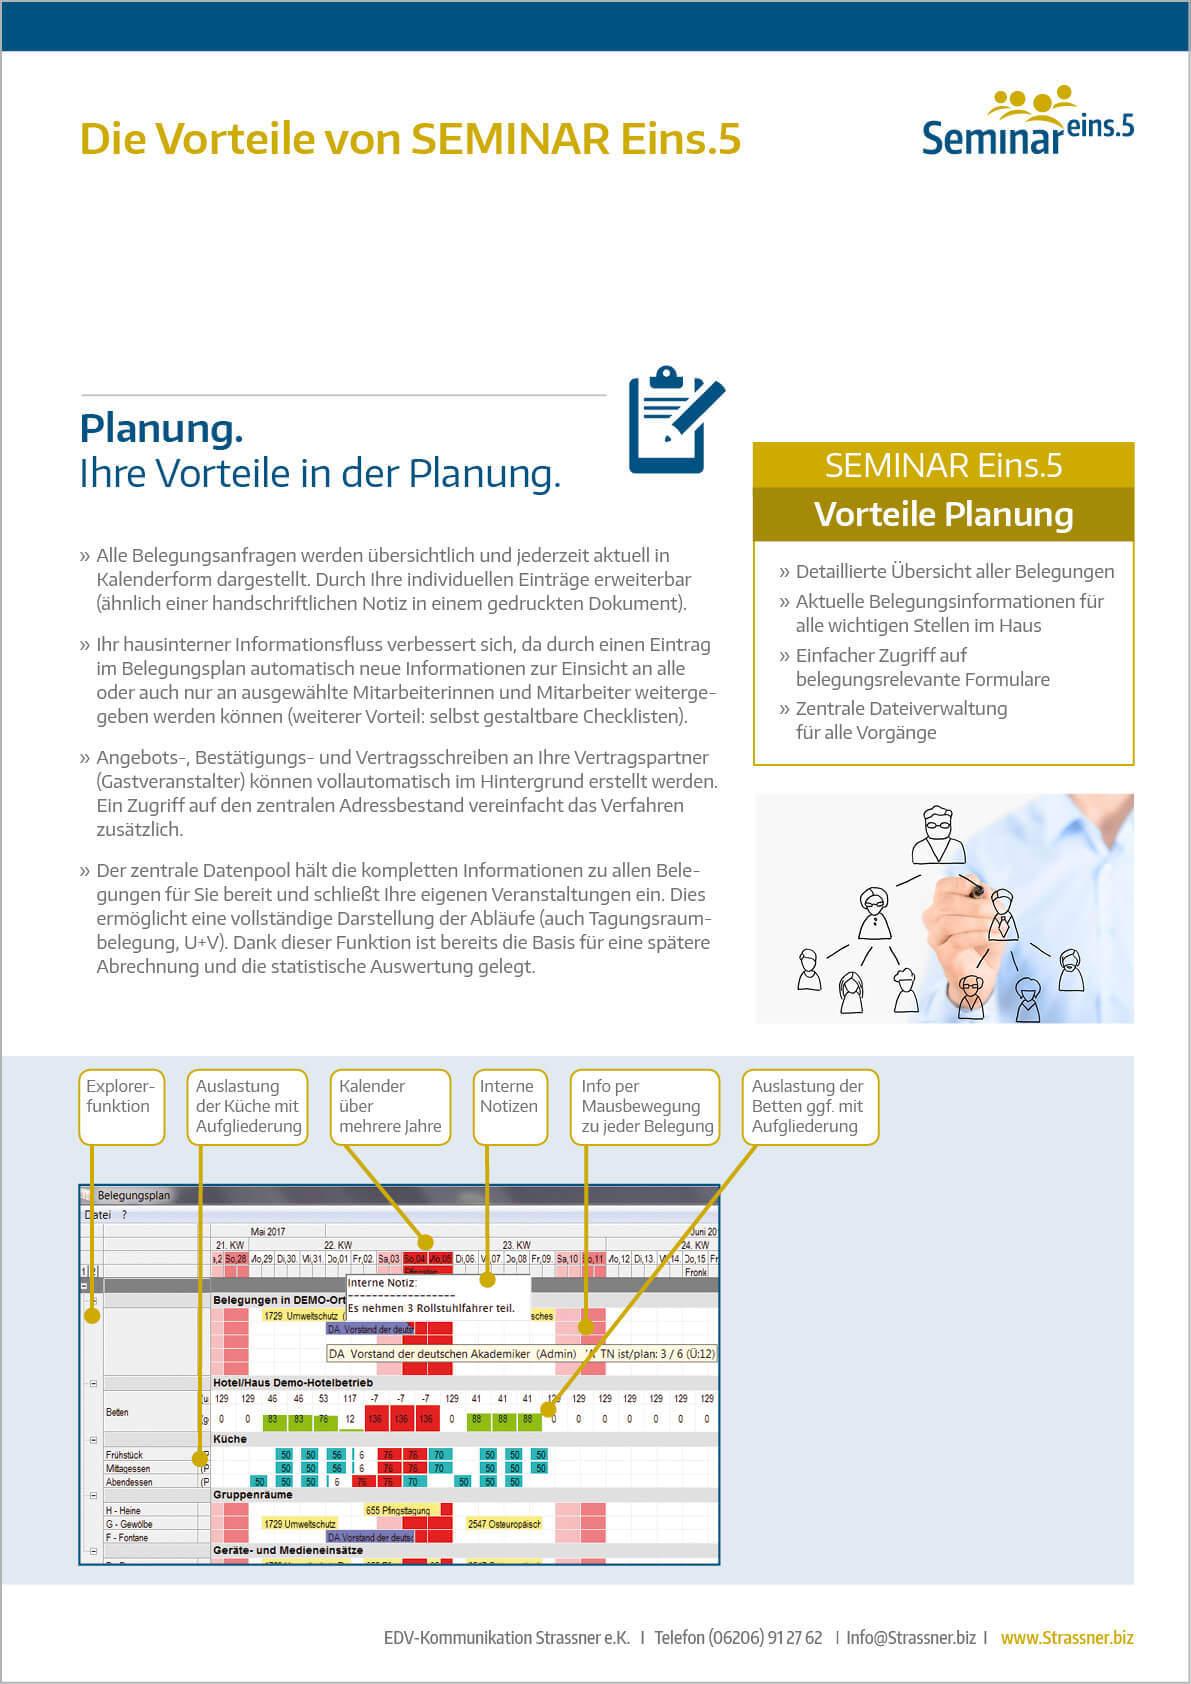 Seminar_Software_Seite3